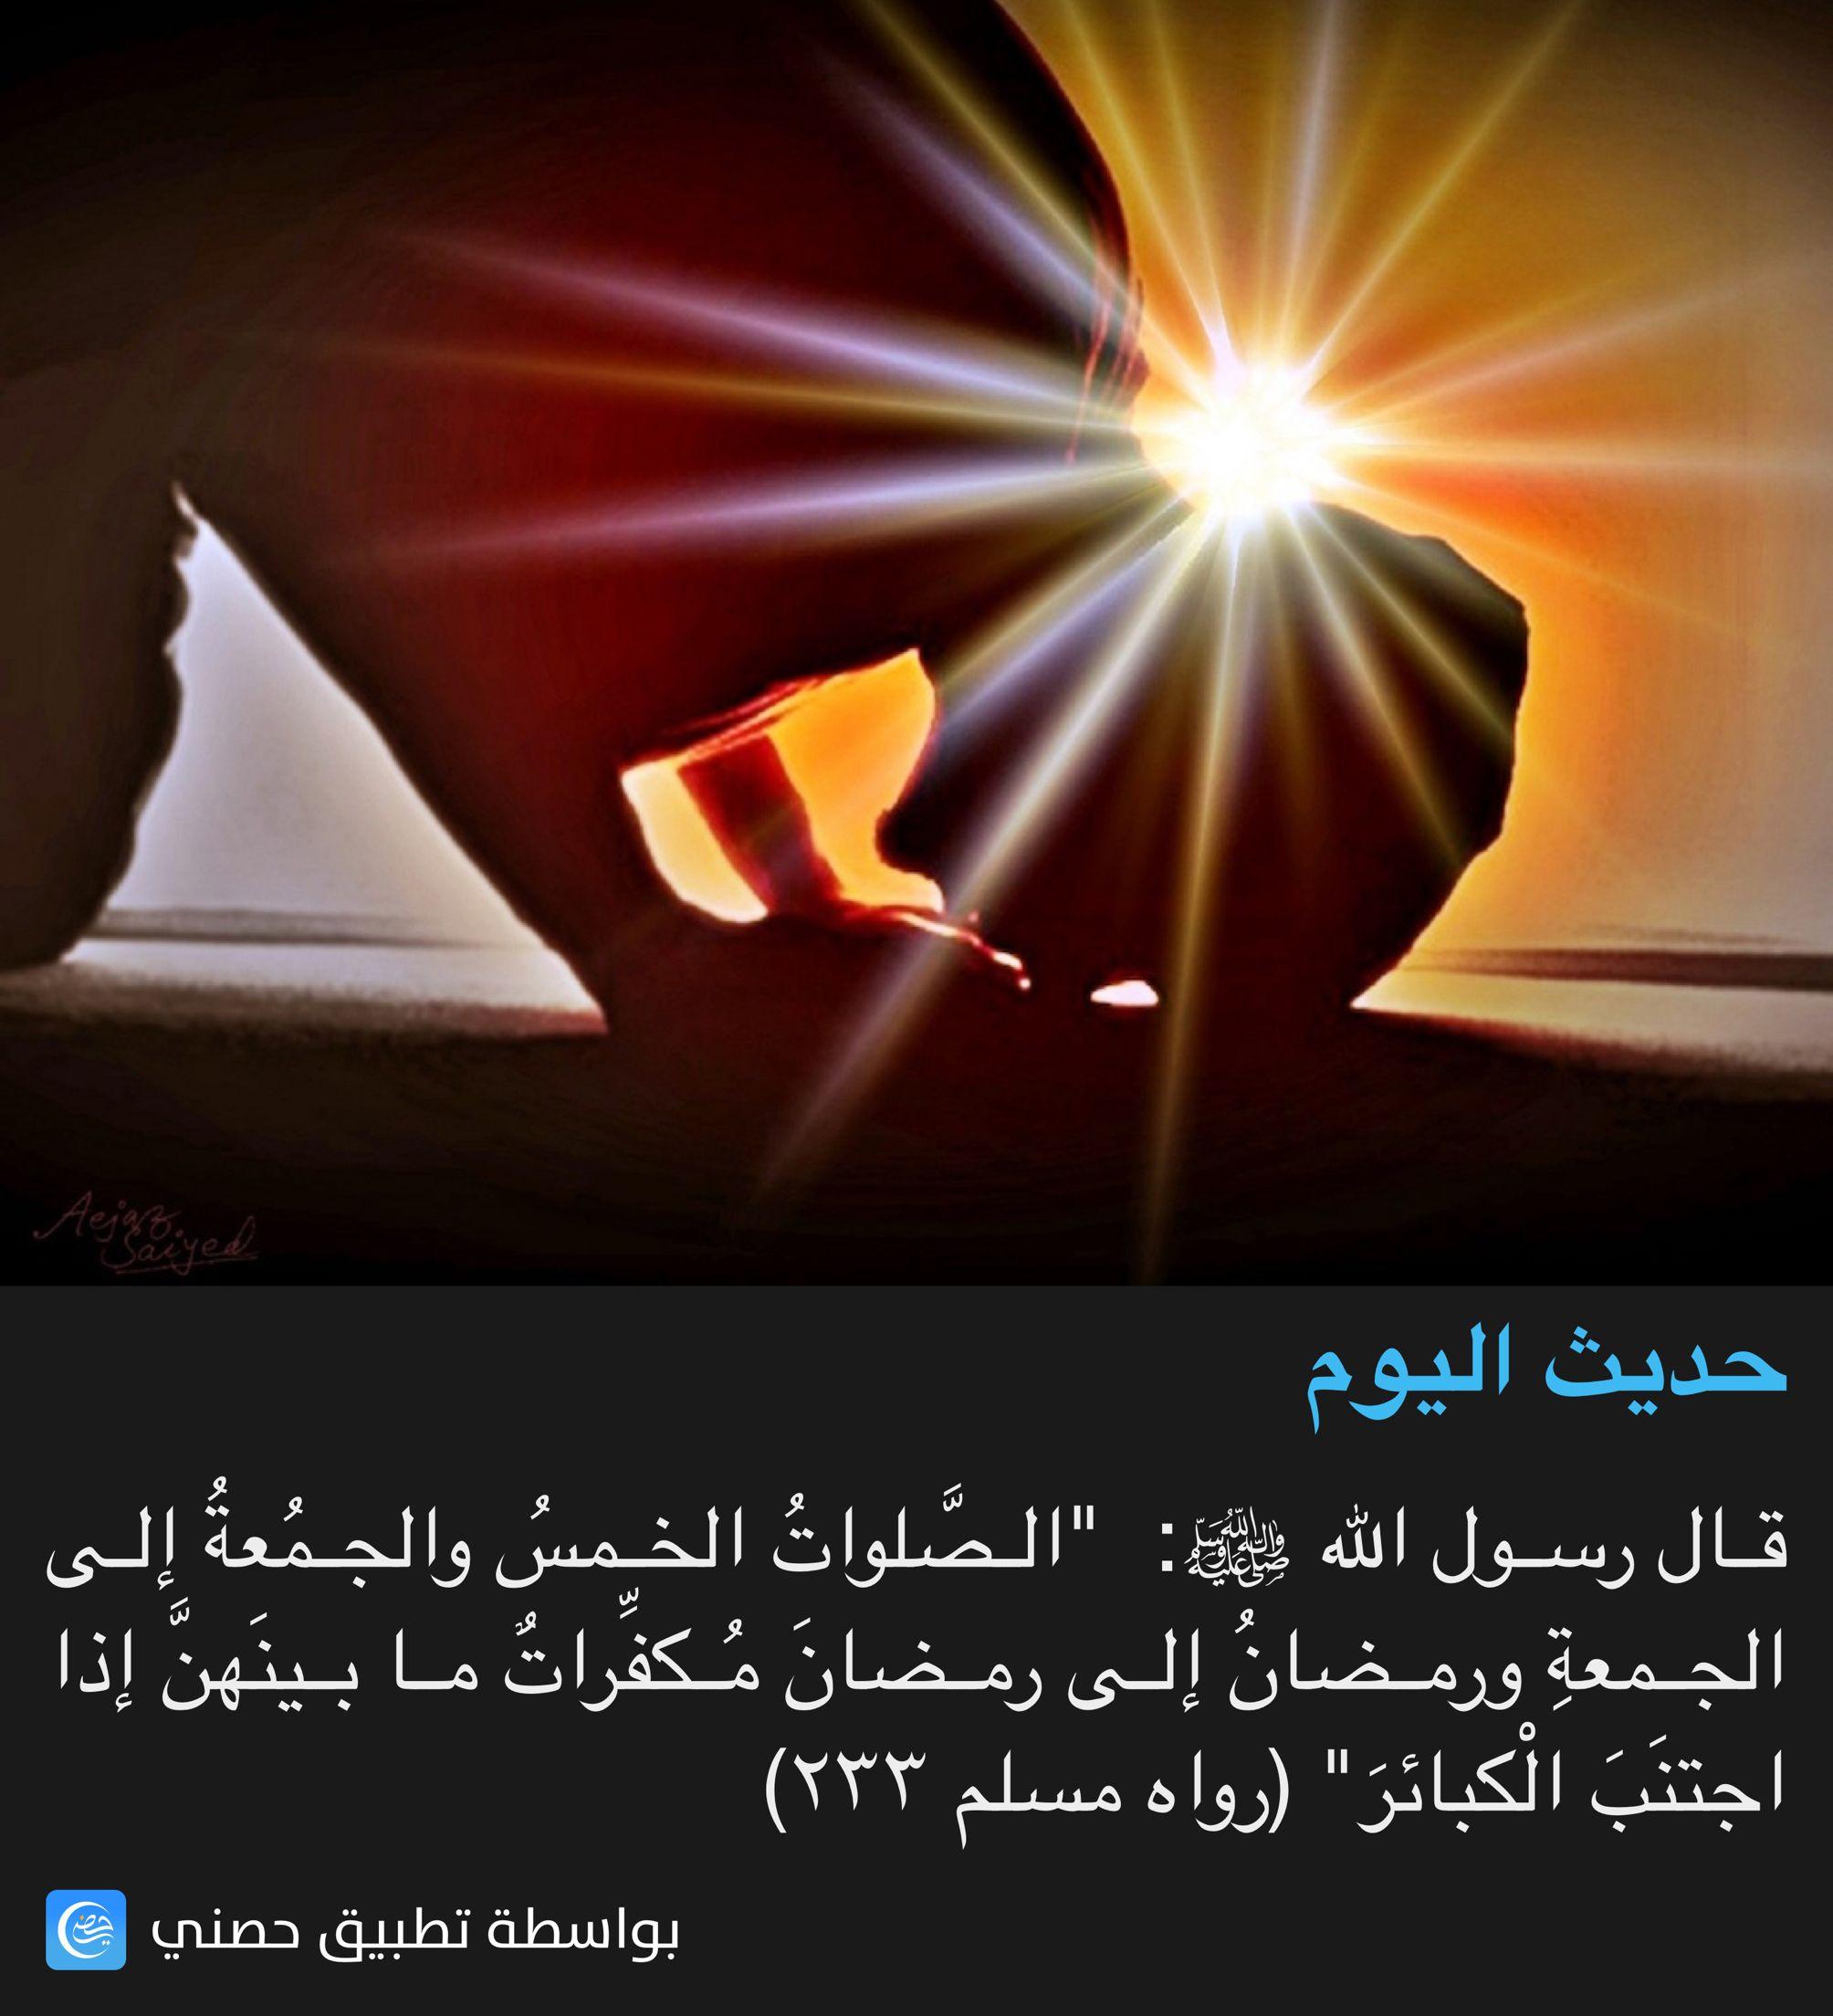 إذا اجتنبت الكبائر Hadith Islam Frame Template